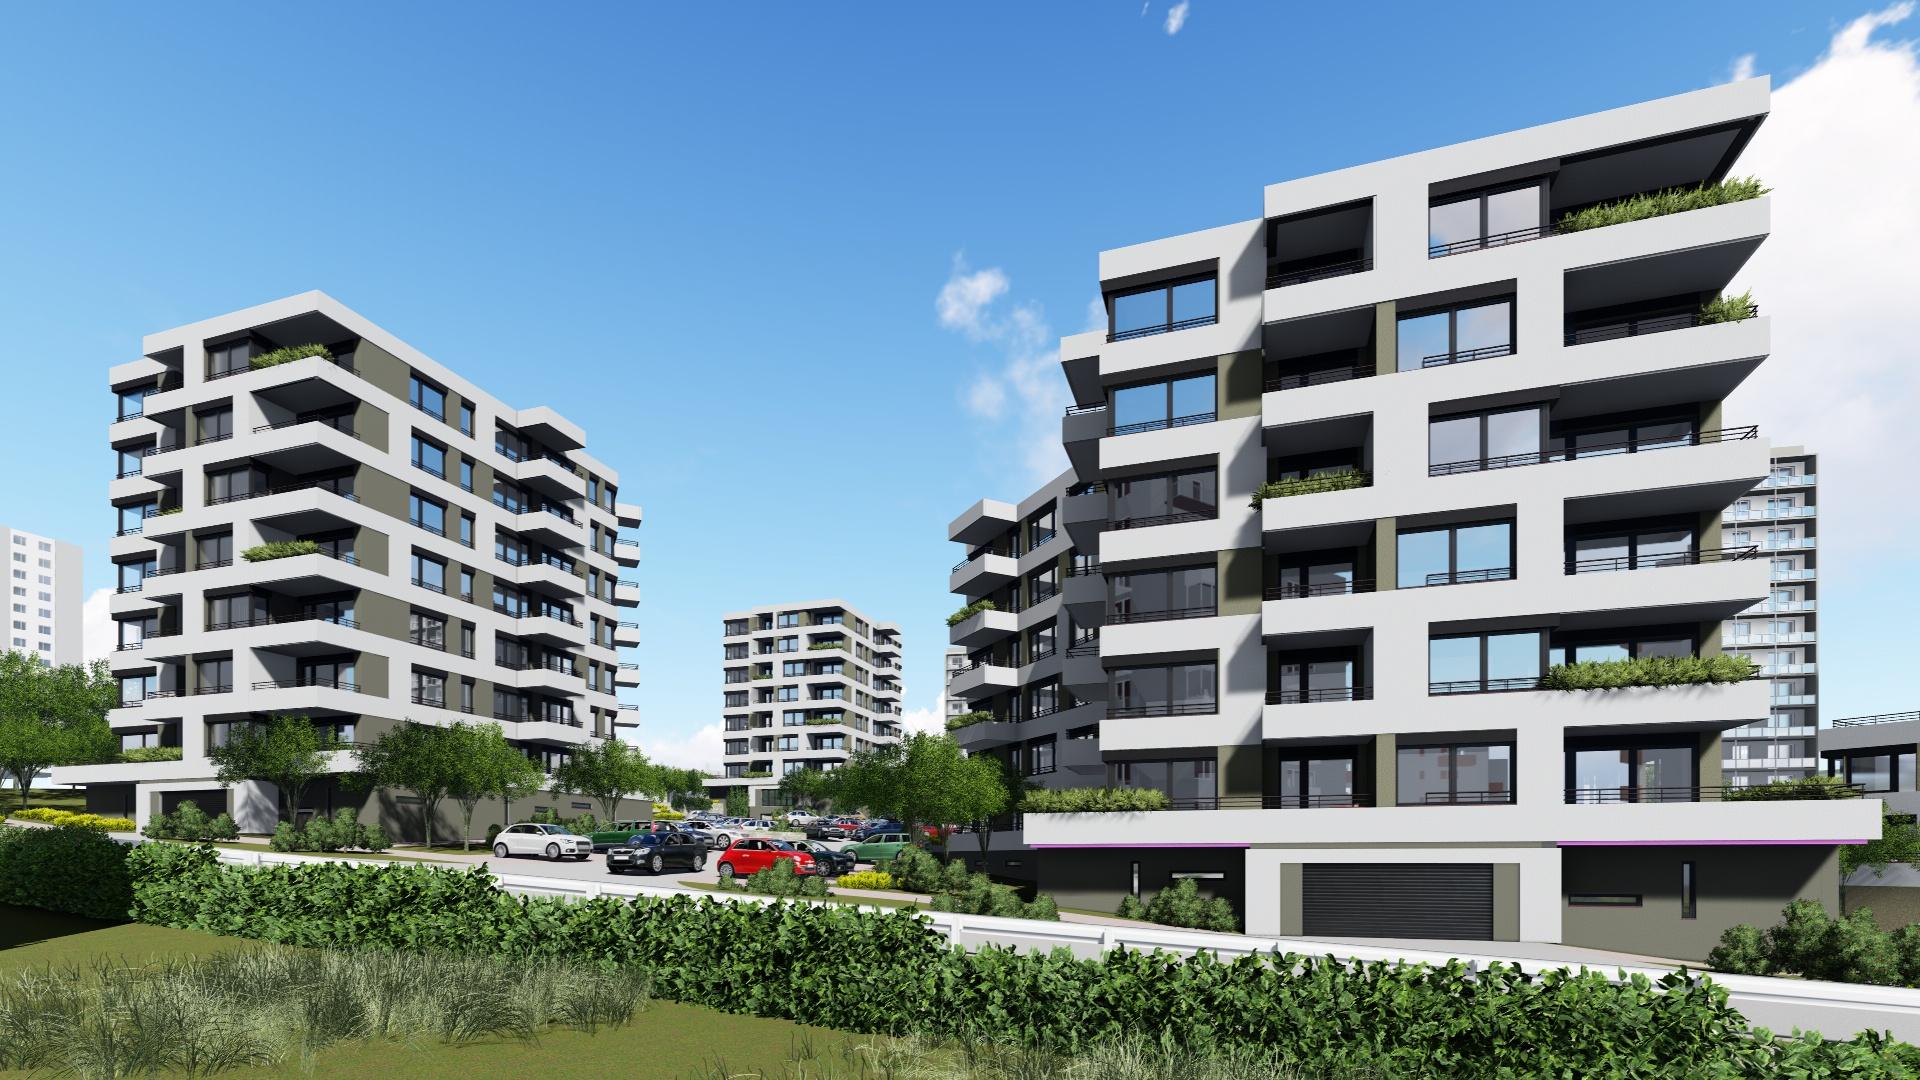 V bratislavskej Rači vzniknú nové byty